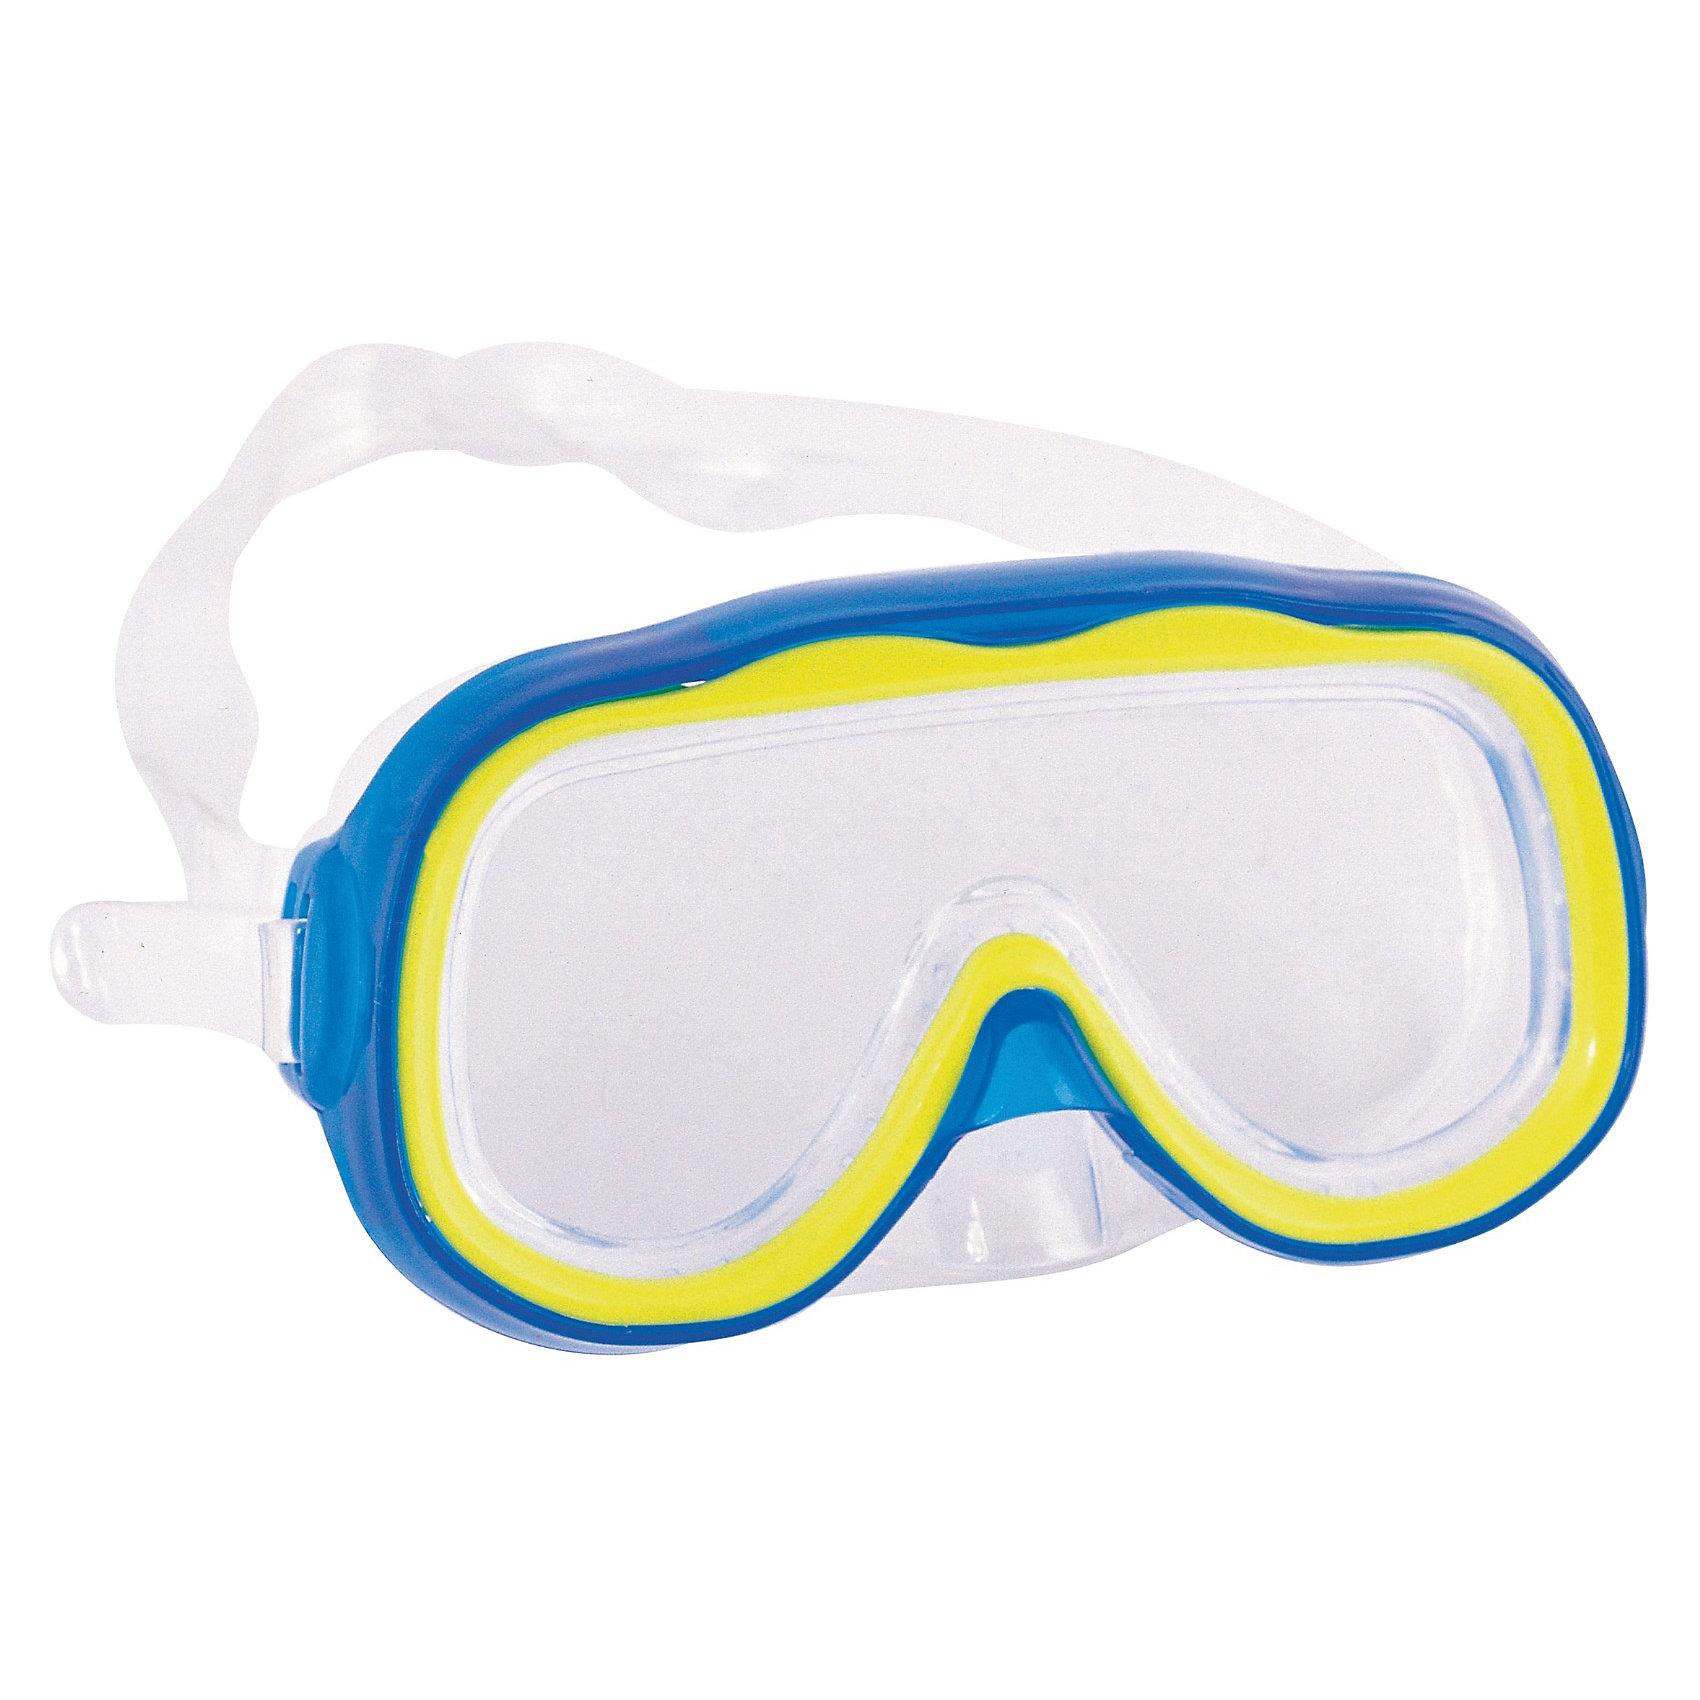 Детская маска для подводного плавания Исследователь, BestwayДетская маска для подводного плавания Исследователь, Bestway (Бествей) предназначена для подводного плавания. Отличное качество позволяет полностью насладиться красотой подводного мира или просто получить удовольствие в бассейне. Под водой можно находиться длительное время, а вода не будет проникать, так как маска хорошо и плотно прилегает к лицу.  Детская маска для подводного плавания Bestway разнообразит игры на воде, позволит изучать подводный мир детям, которые не решаются открыть глаза в воде.  Дополнительная информация:  - В комплекте: маска для плавания - Материал: ударопрочный поликарбонат - Уплотнитель: силикон  Детскую маску для подводного плавания Исследователь, Bestway (Бествей) можно купить в нашем интернет-магазине.<br><br>Ширина мм: 166<br>Глубина мм: 157<br>Высота мм: 43<br>Вес г: 91<br>Возраст от месяцев: 36<br>Возраст до месяцев: 72<br>Пол: Унисекс<br>Возраст: Детский<br>SKU: 3340135